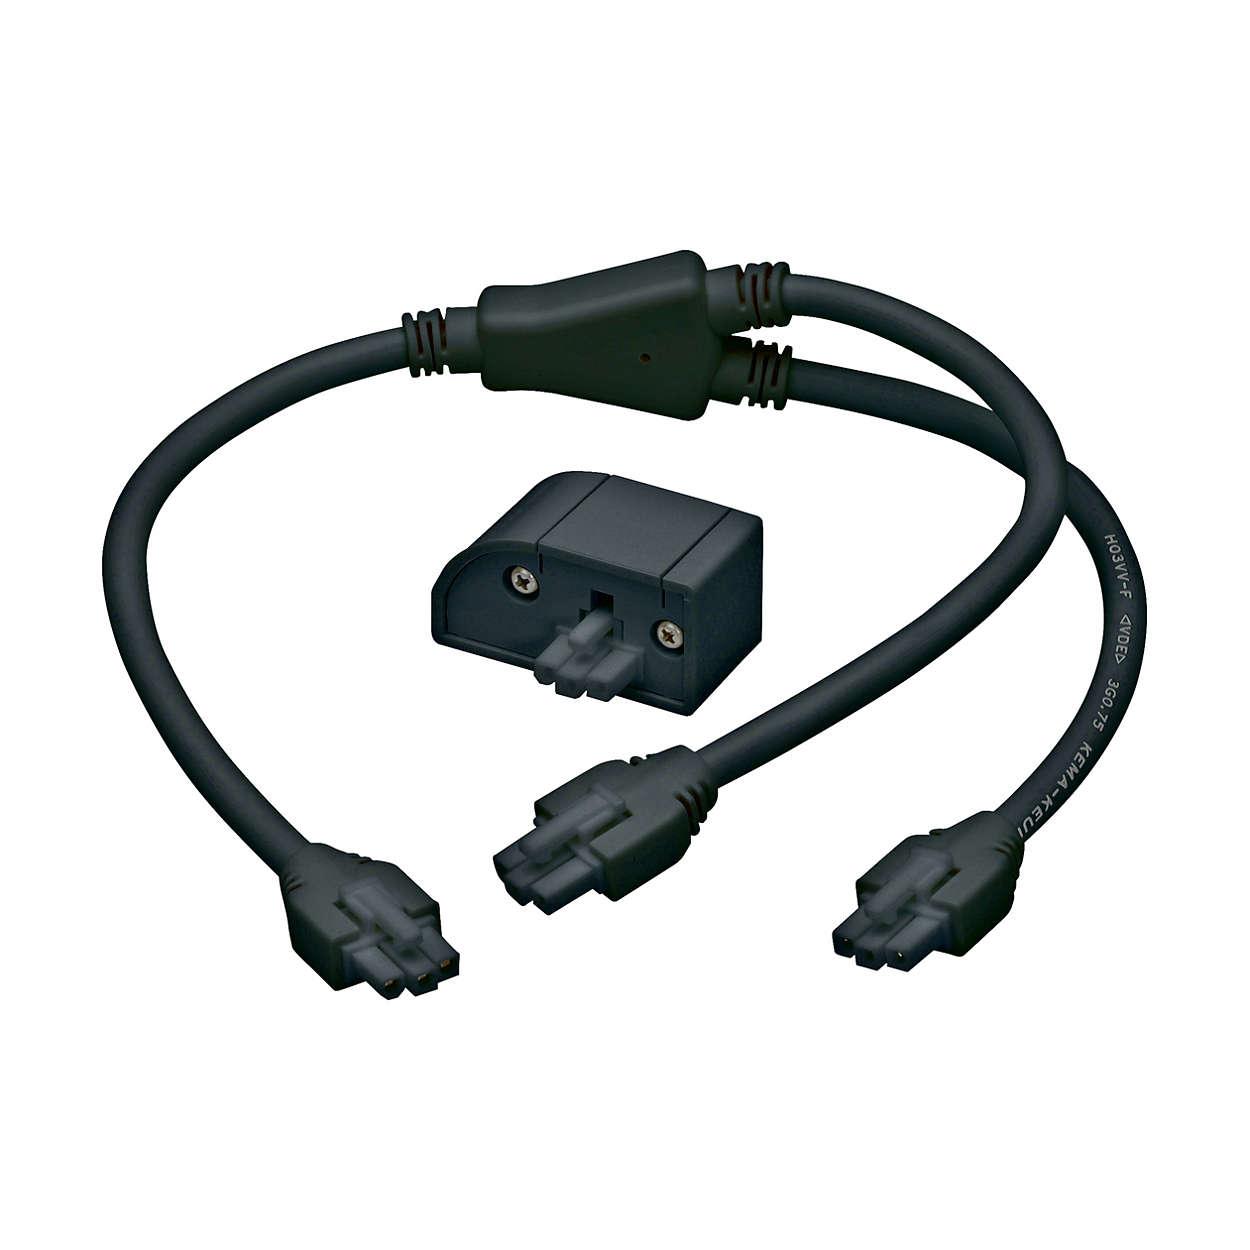 eW Profile Powercore – это ультра-плоский LED-светильник с диодами белого света для подвесного размещения под стеллажами